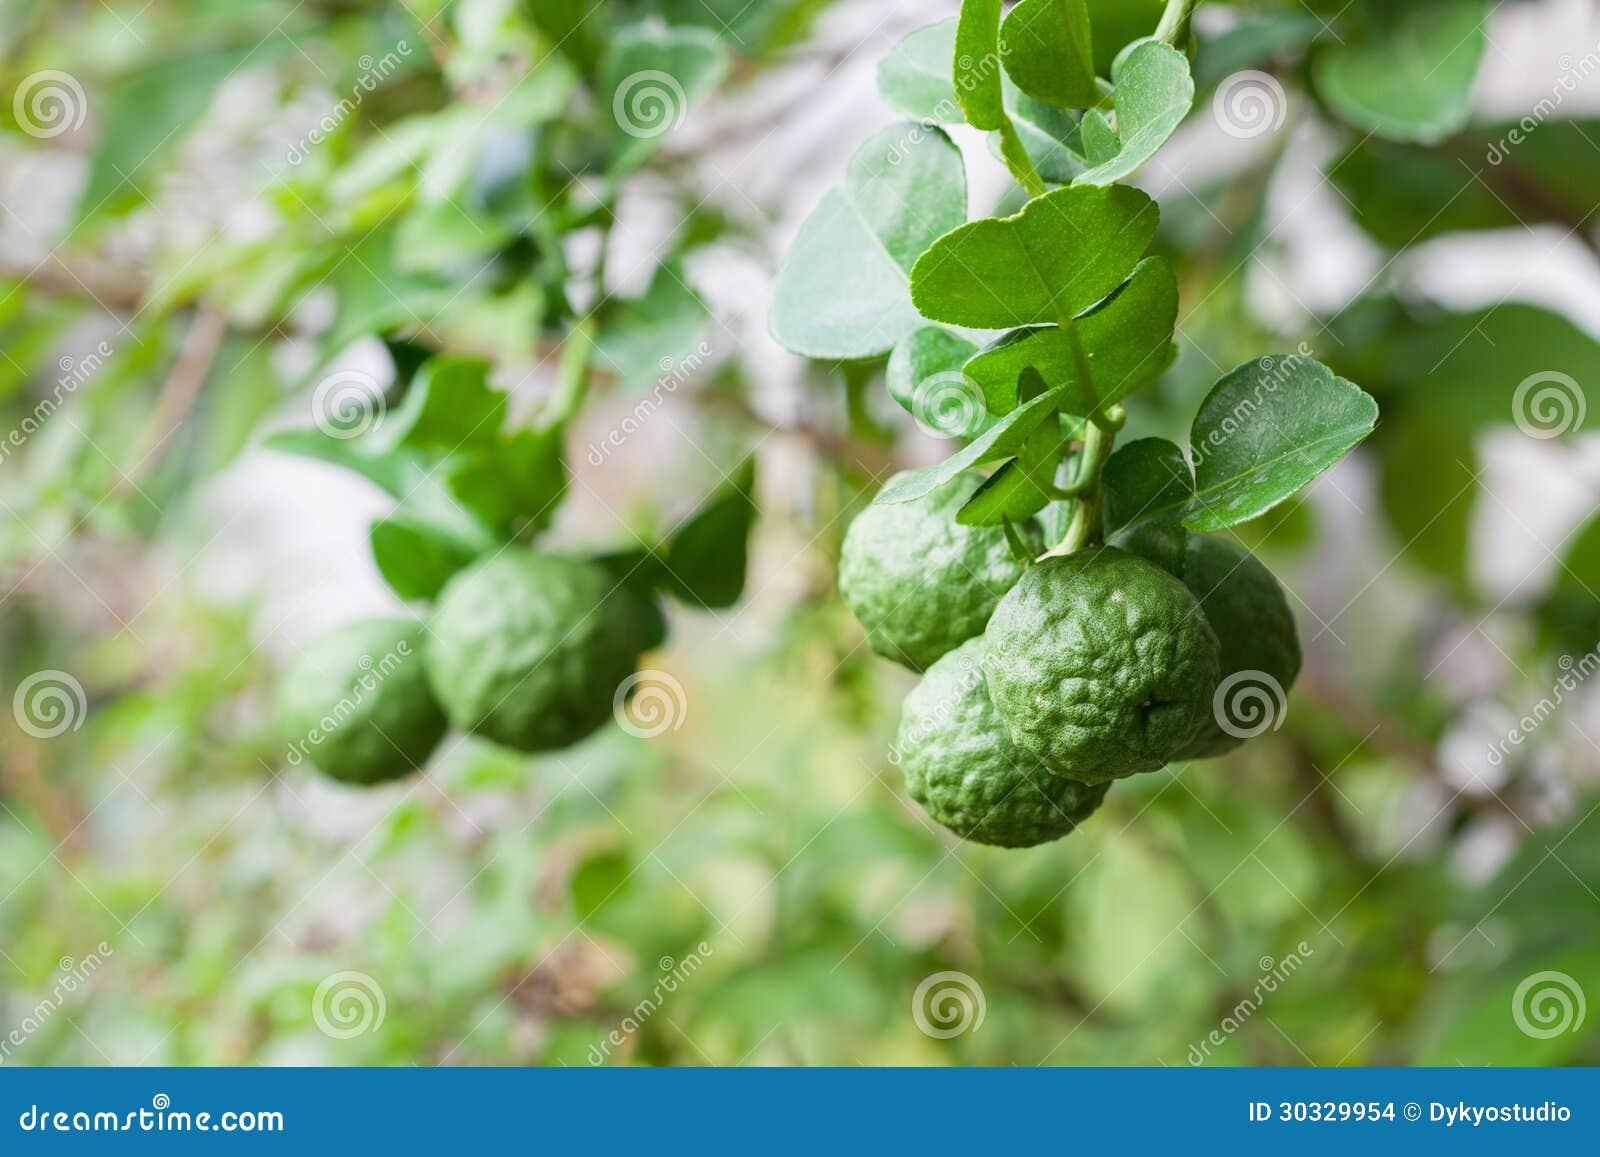 bunch of kaffir lime on bergamot tree stock images - Kaffir Lime Tree